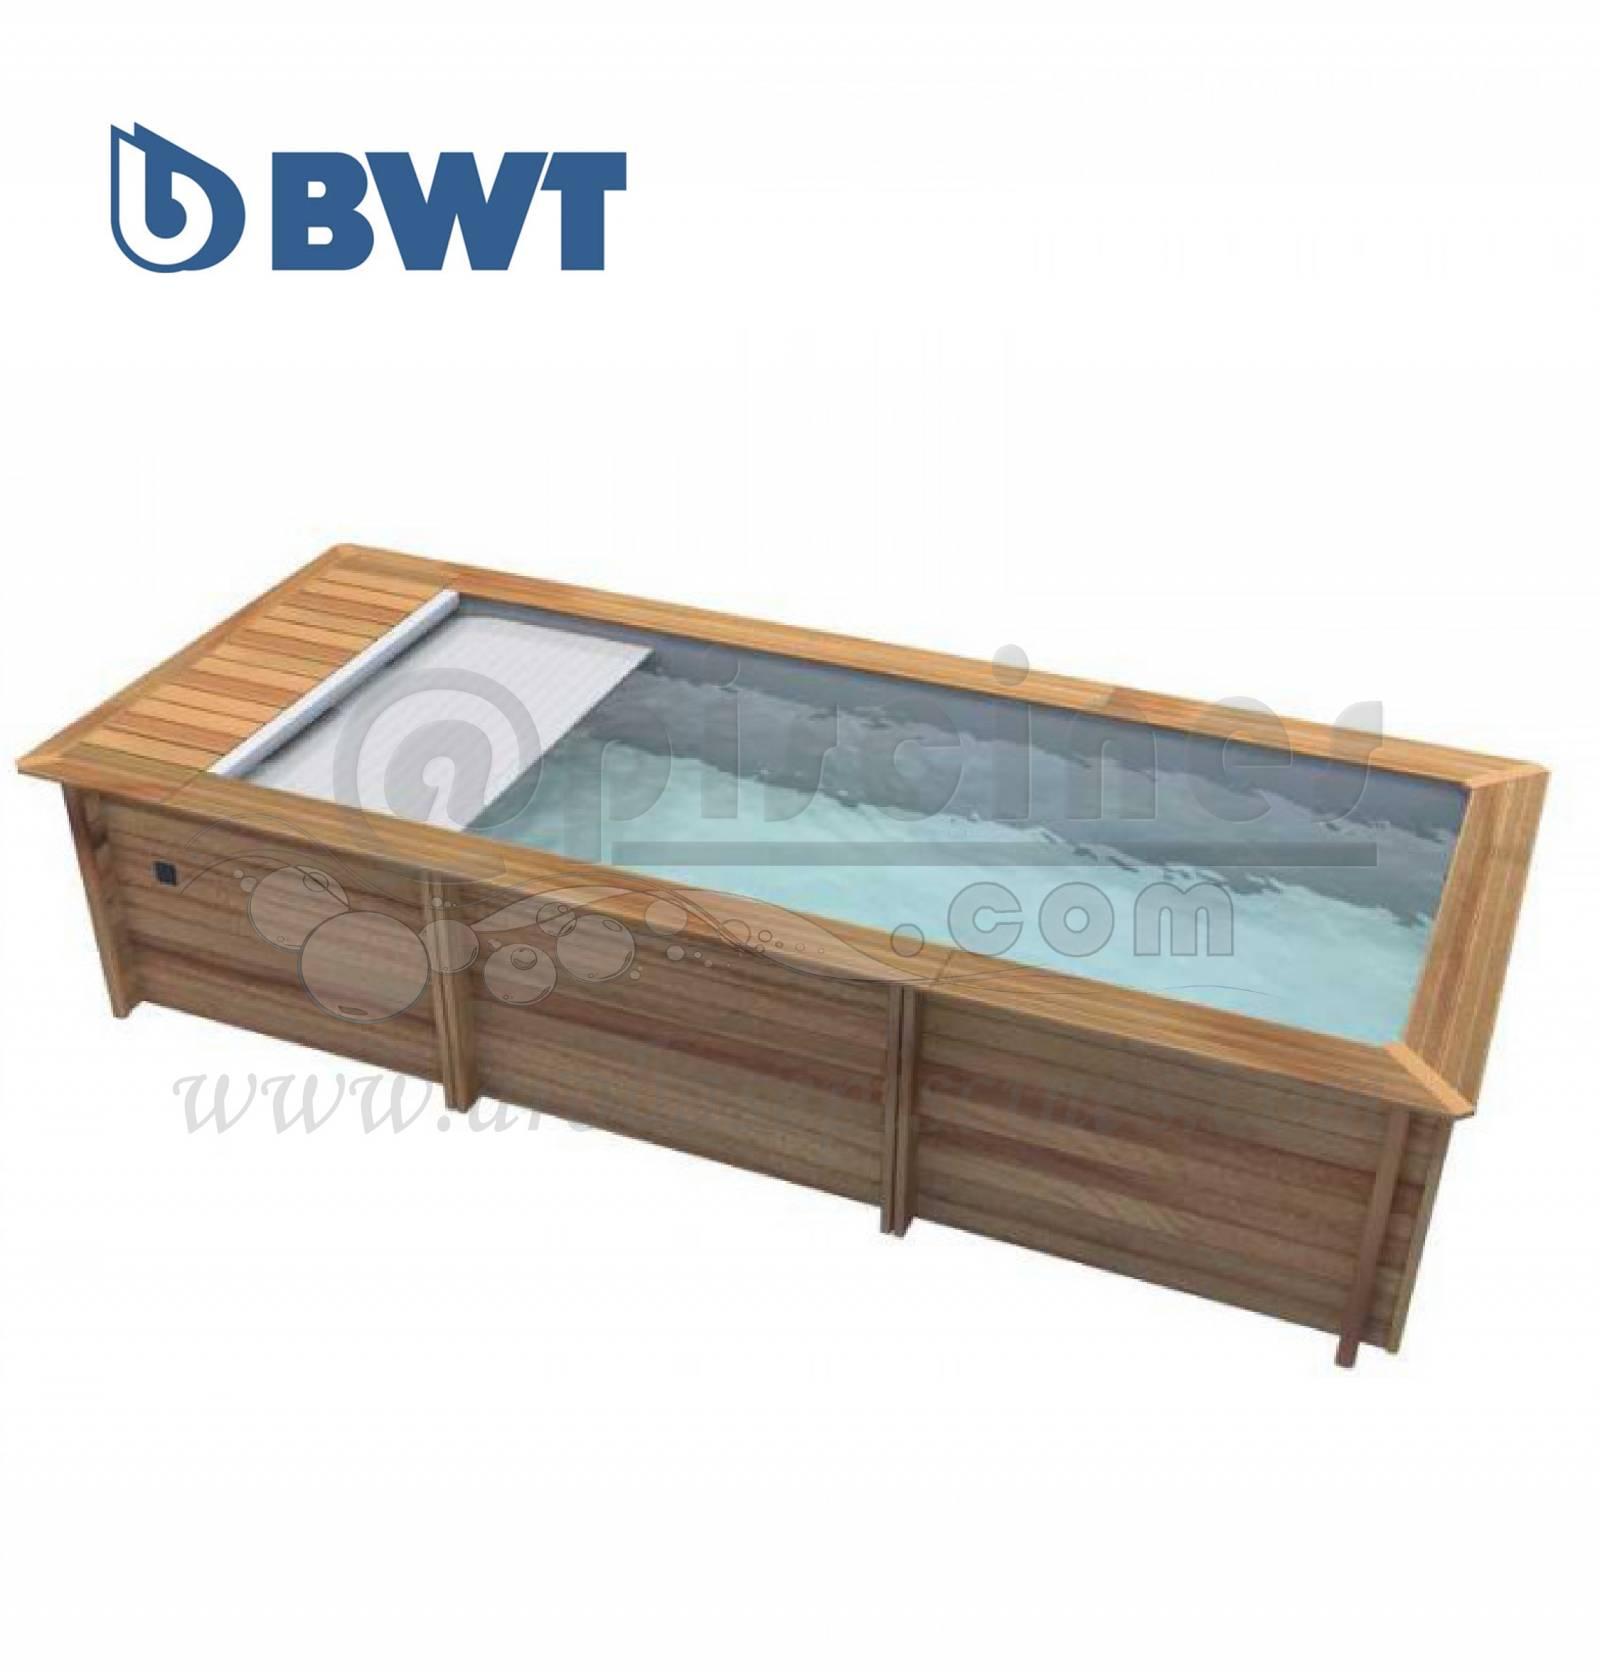 Piscine Tubulaire Habillage Bois devis piscine hors sol menton ▷ bois, acier, béton : prix